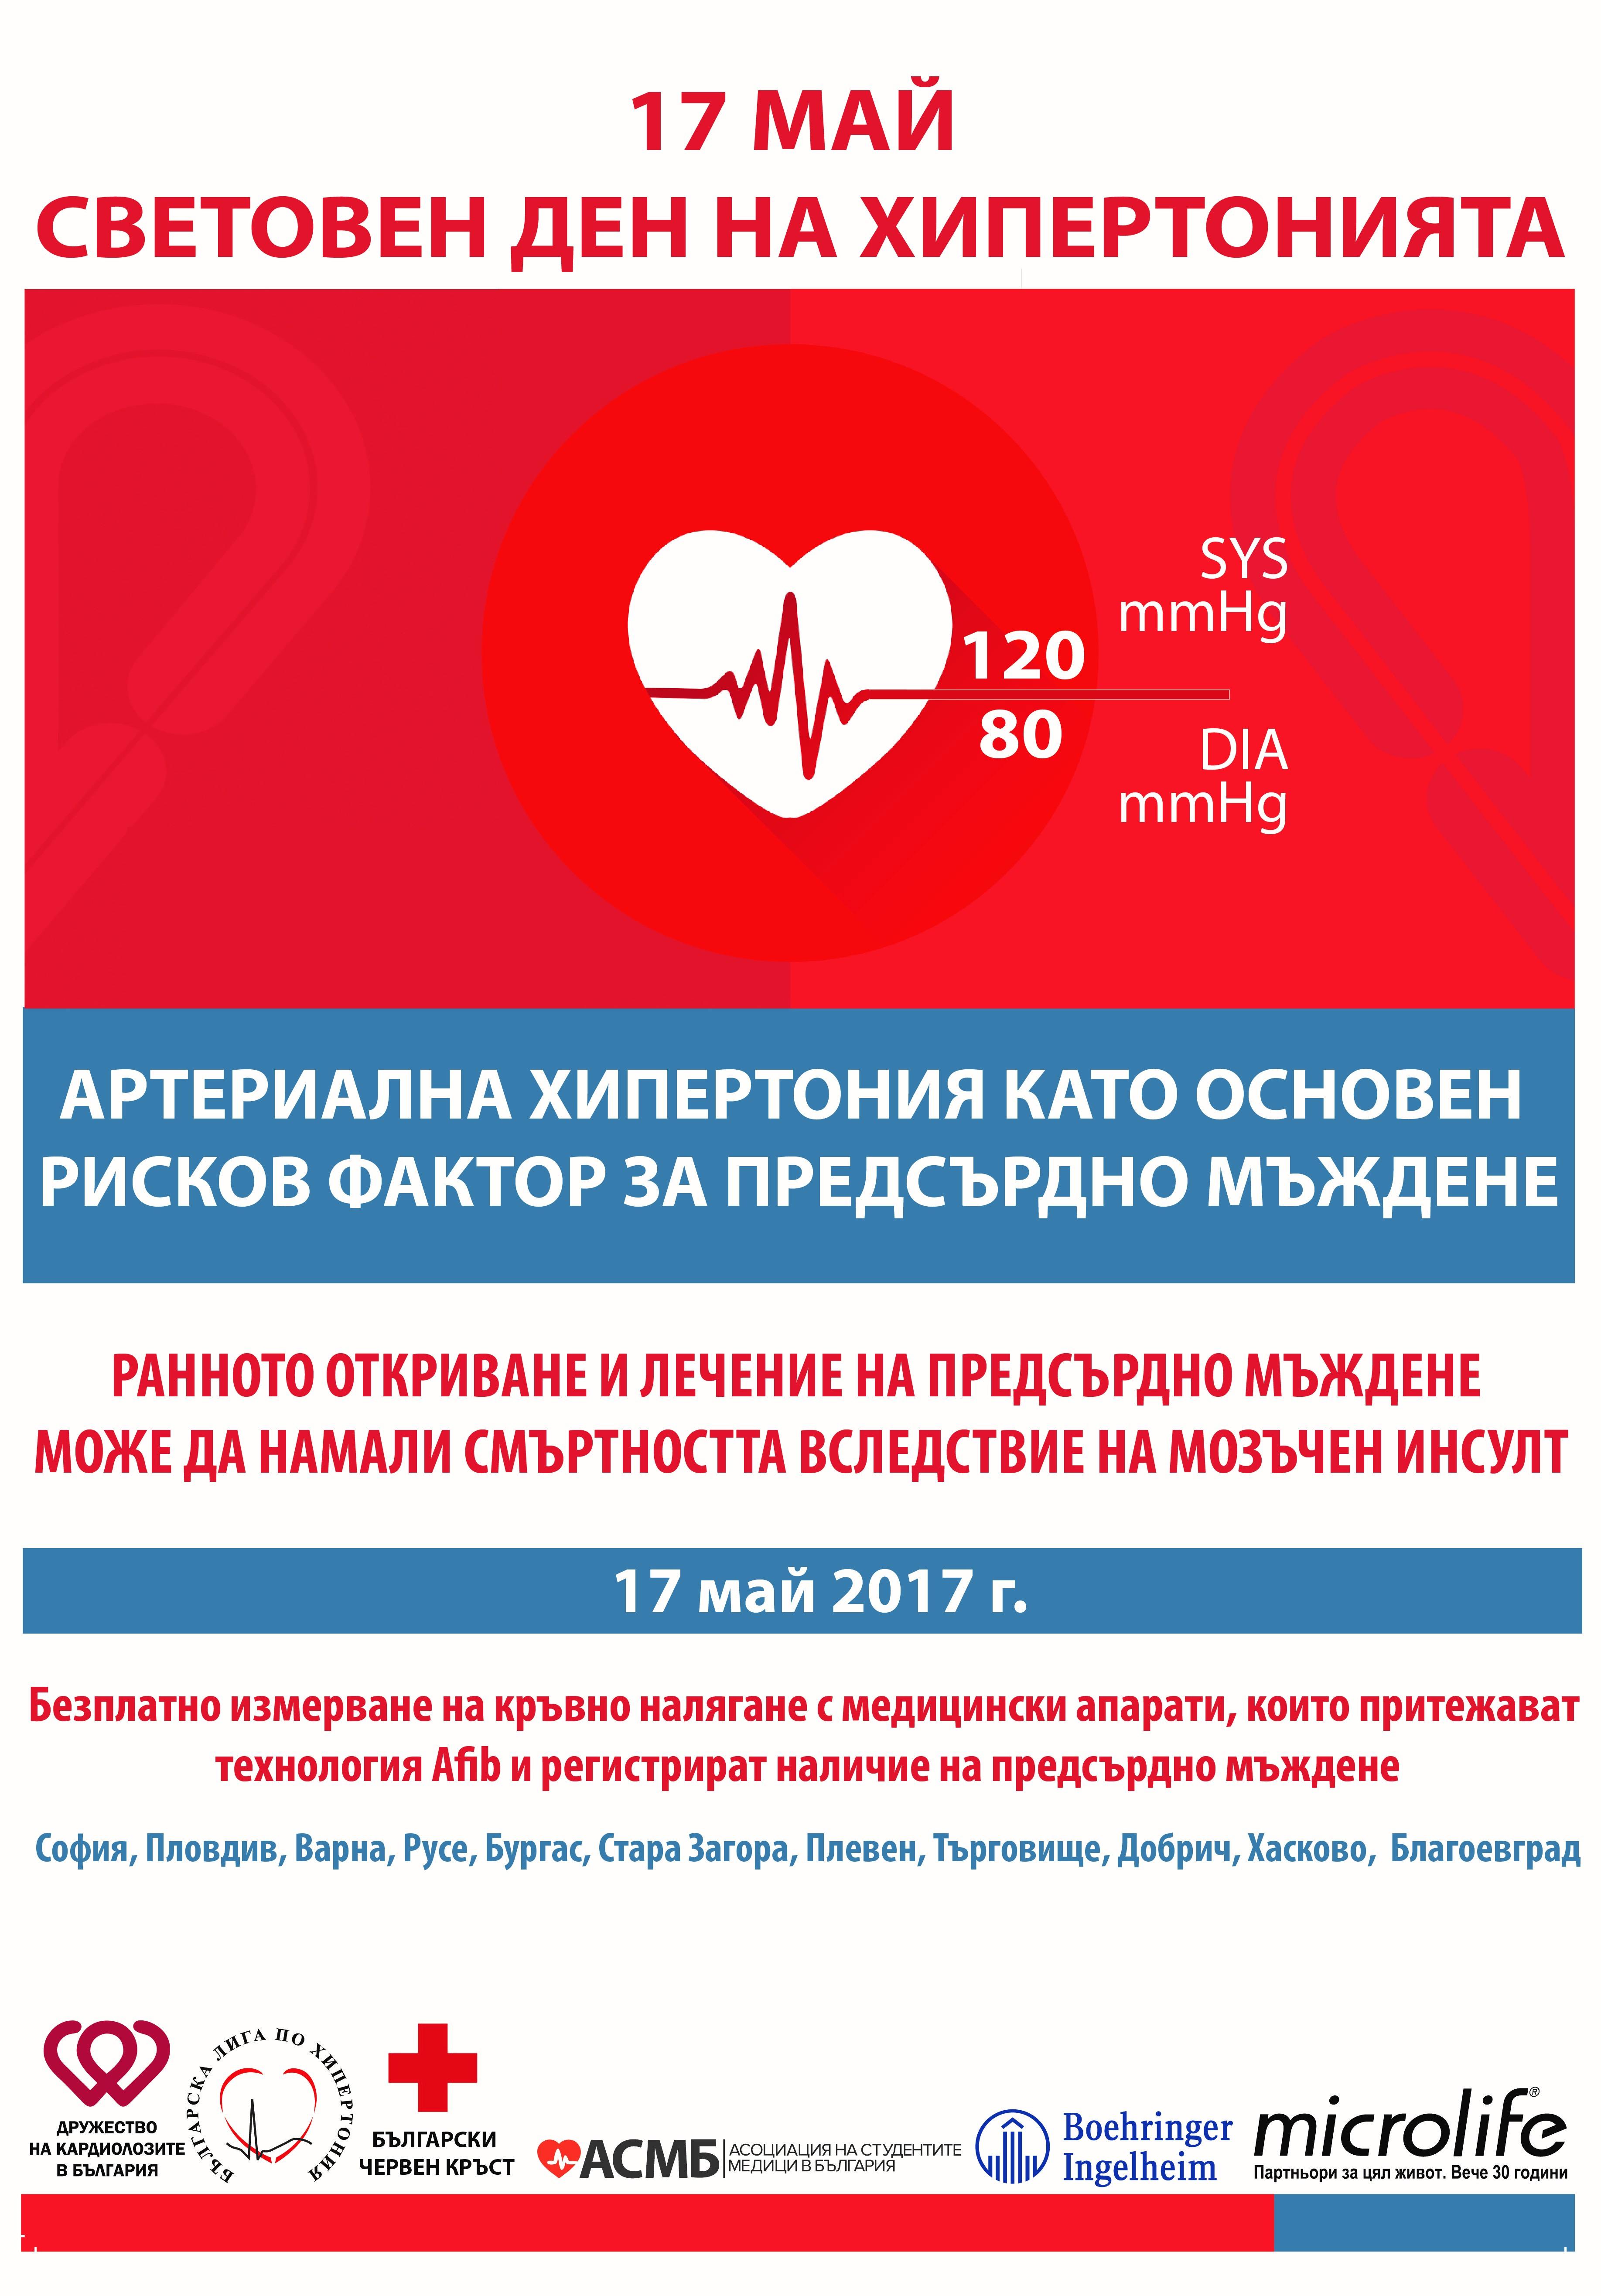 Световният ден на хипертонията- 17 май ще бъде отбелязан с Национална здравна кампания